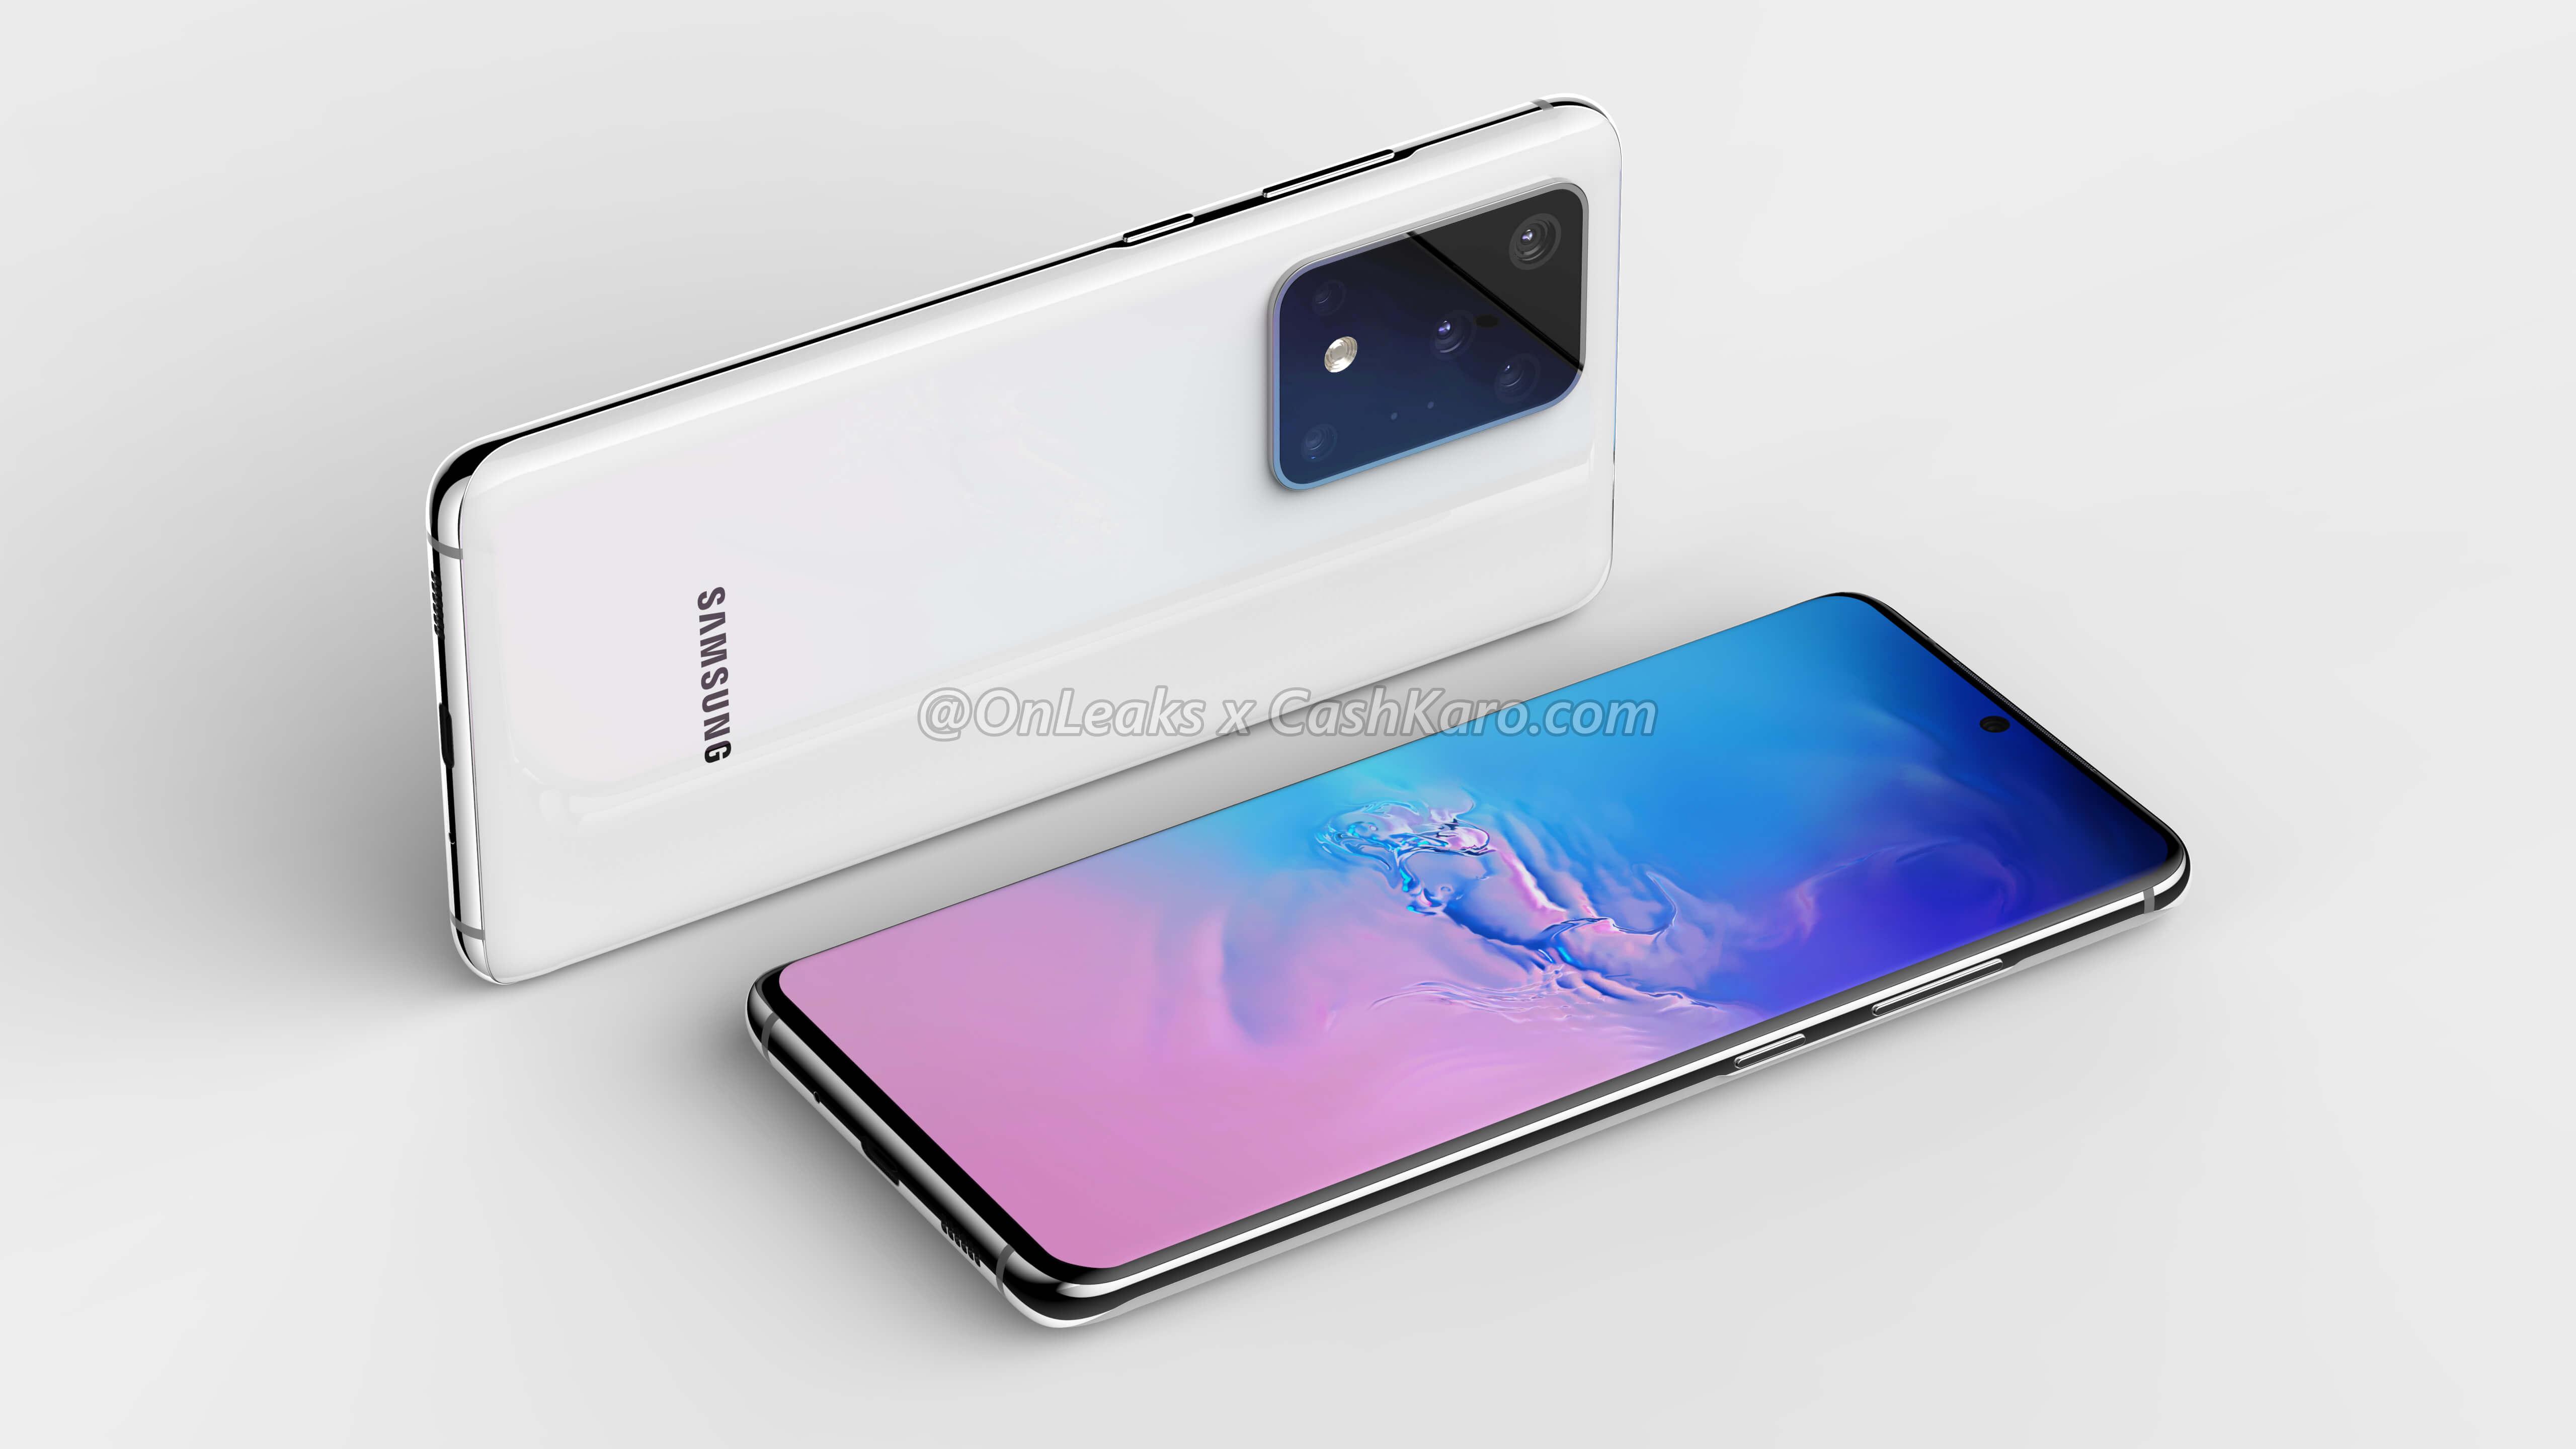 Le Samsung Galaxy S11+ aurait une grosse batterie de 5000 mAh